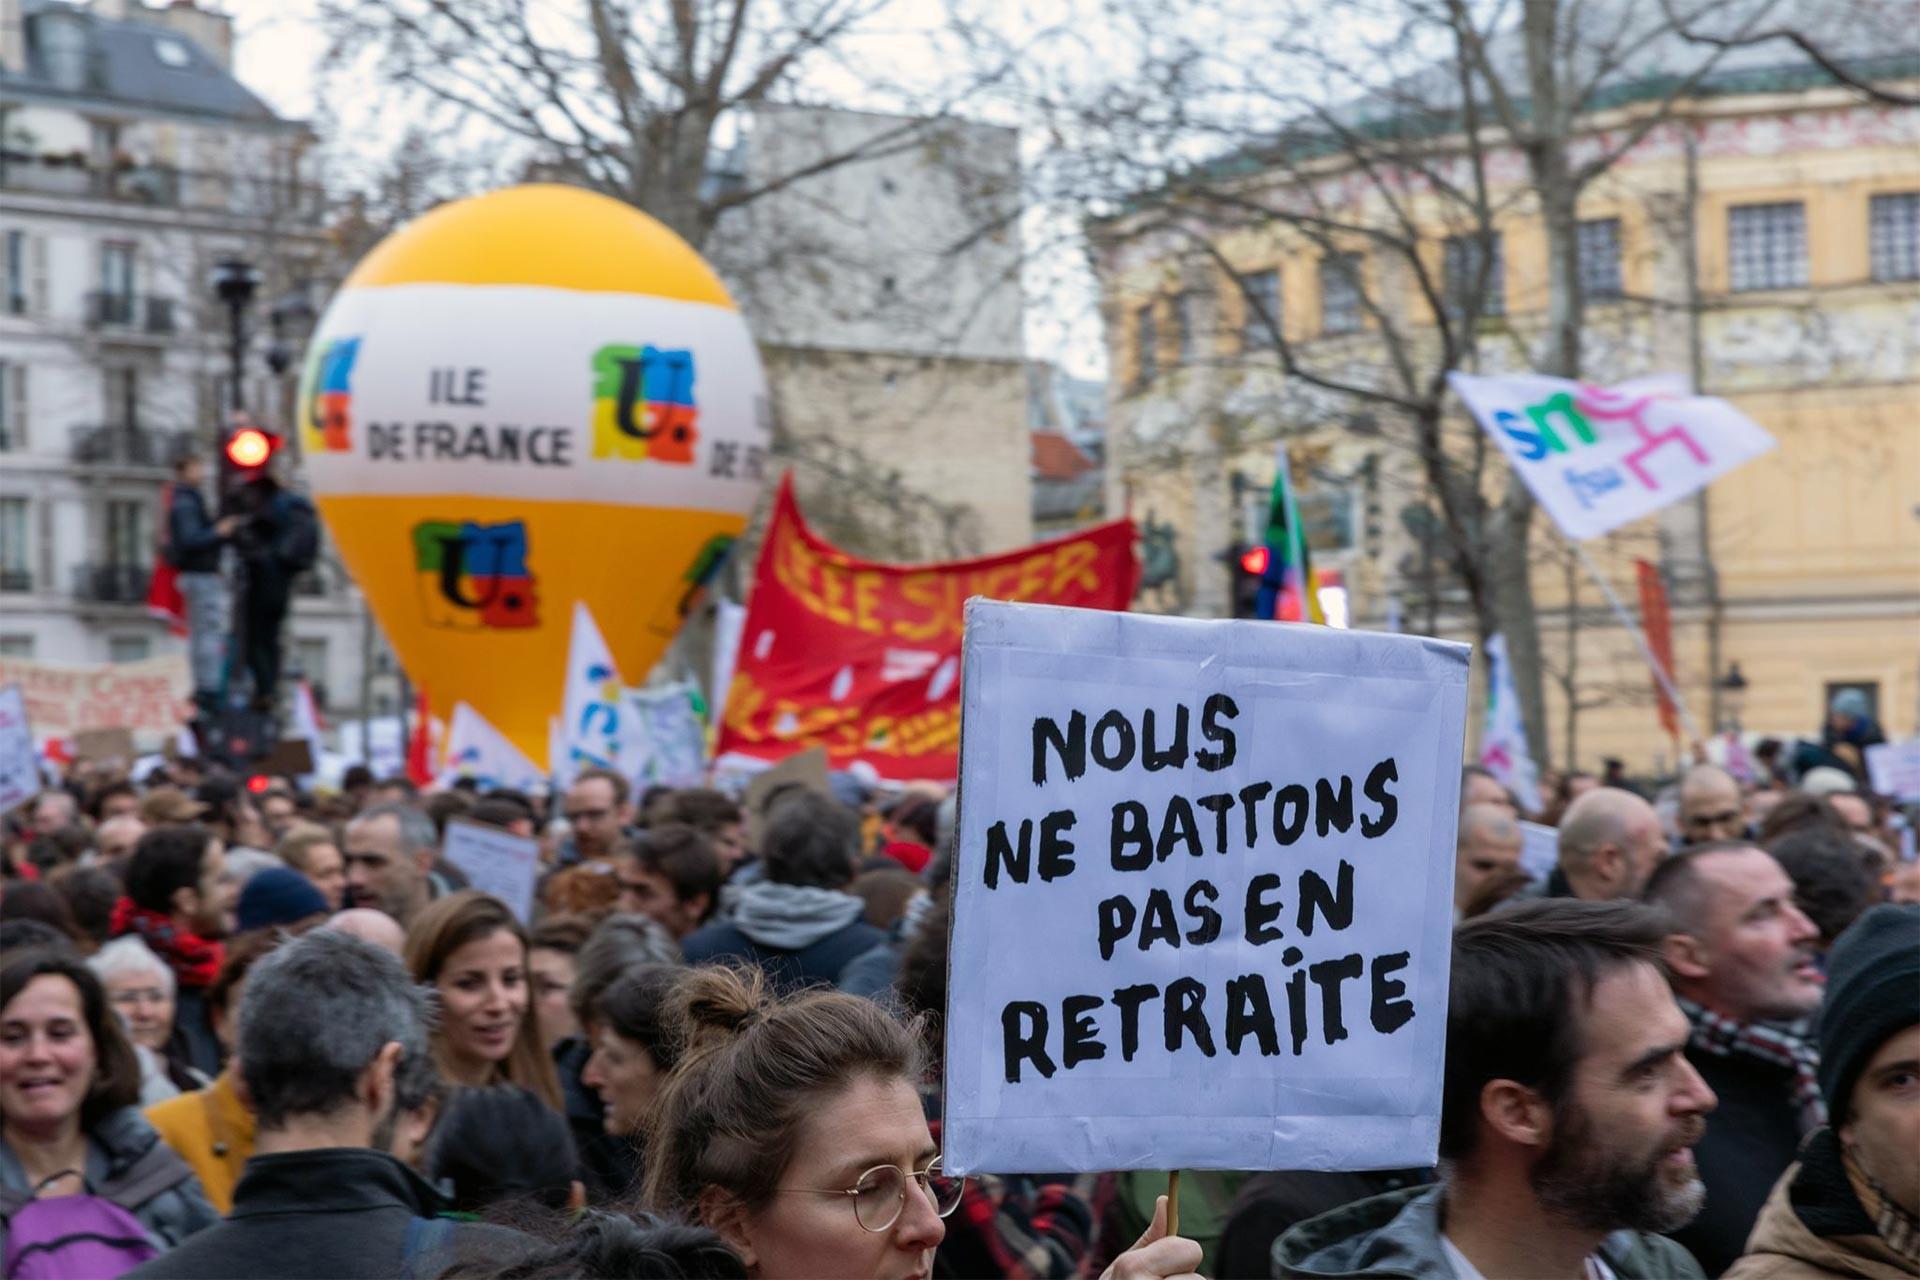 Fransa'da grev üzerine yürüyüş yapan kitle ve taşınan bir döviz